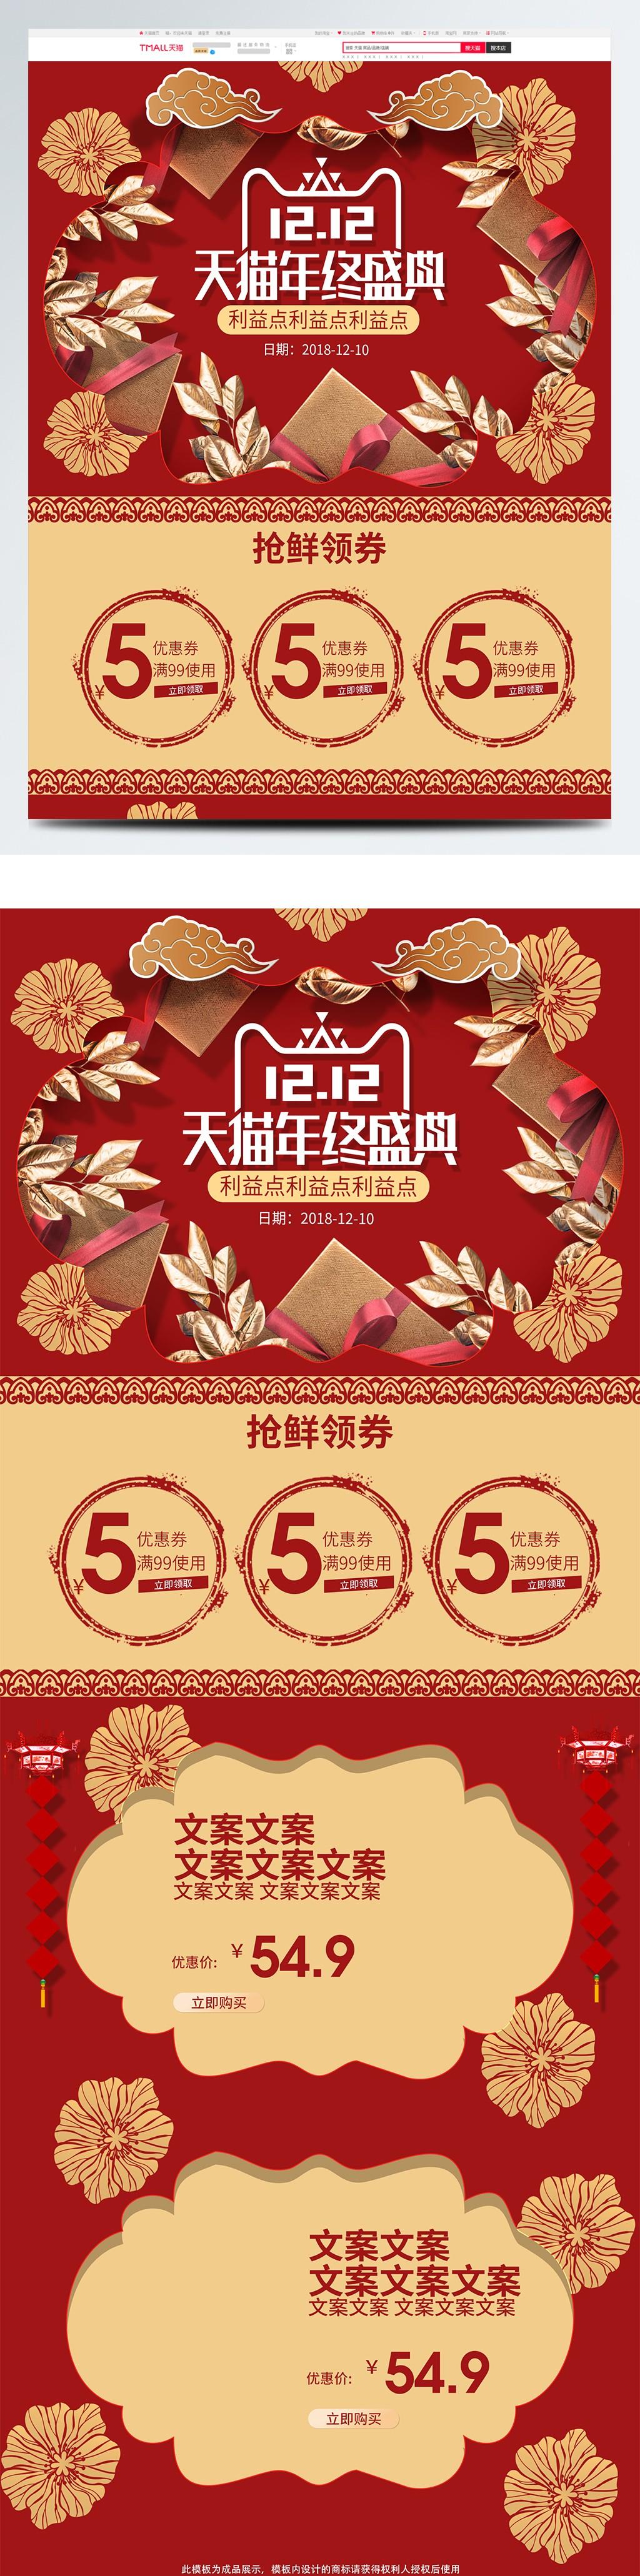 双十二中国剪纸风天猫电商首页模板双12